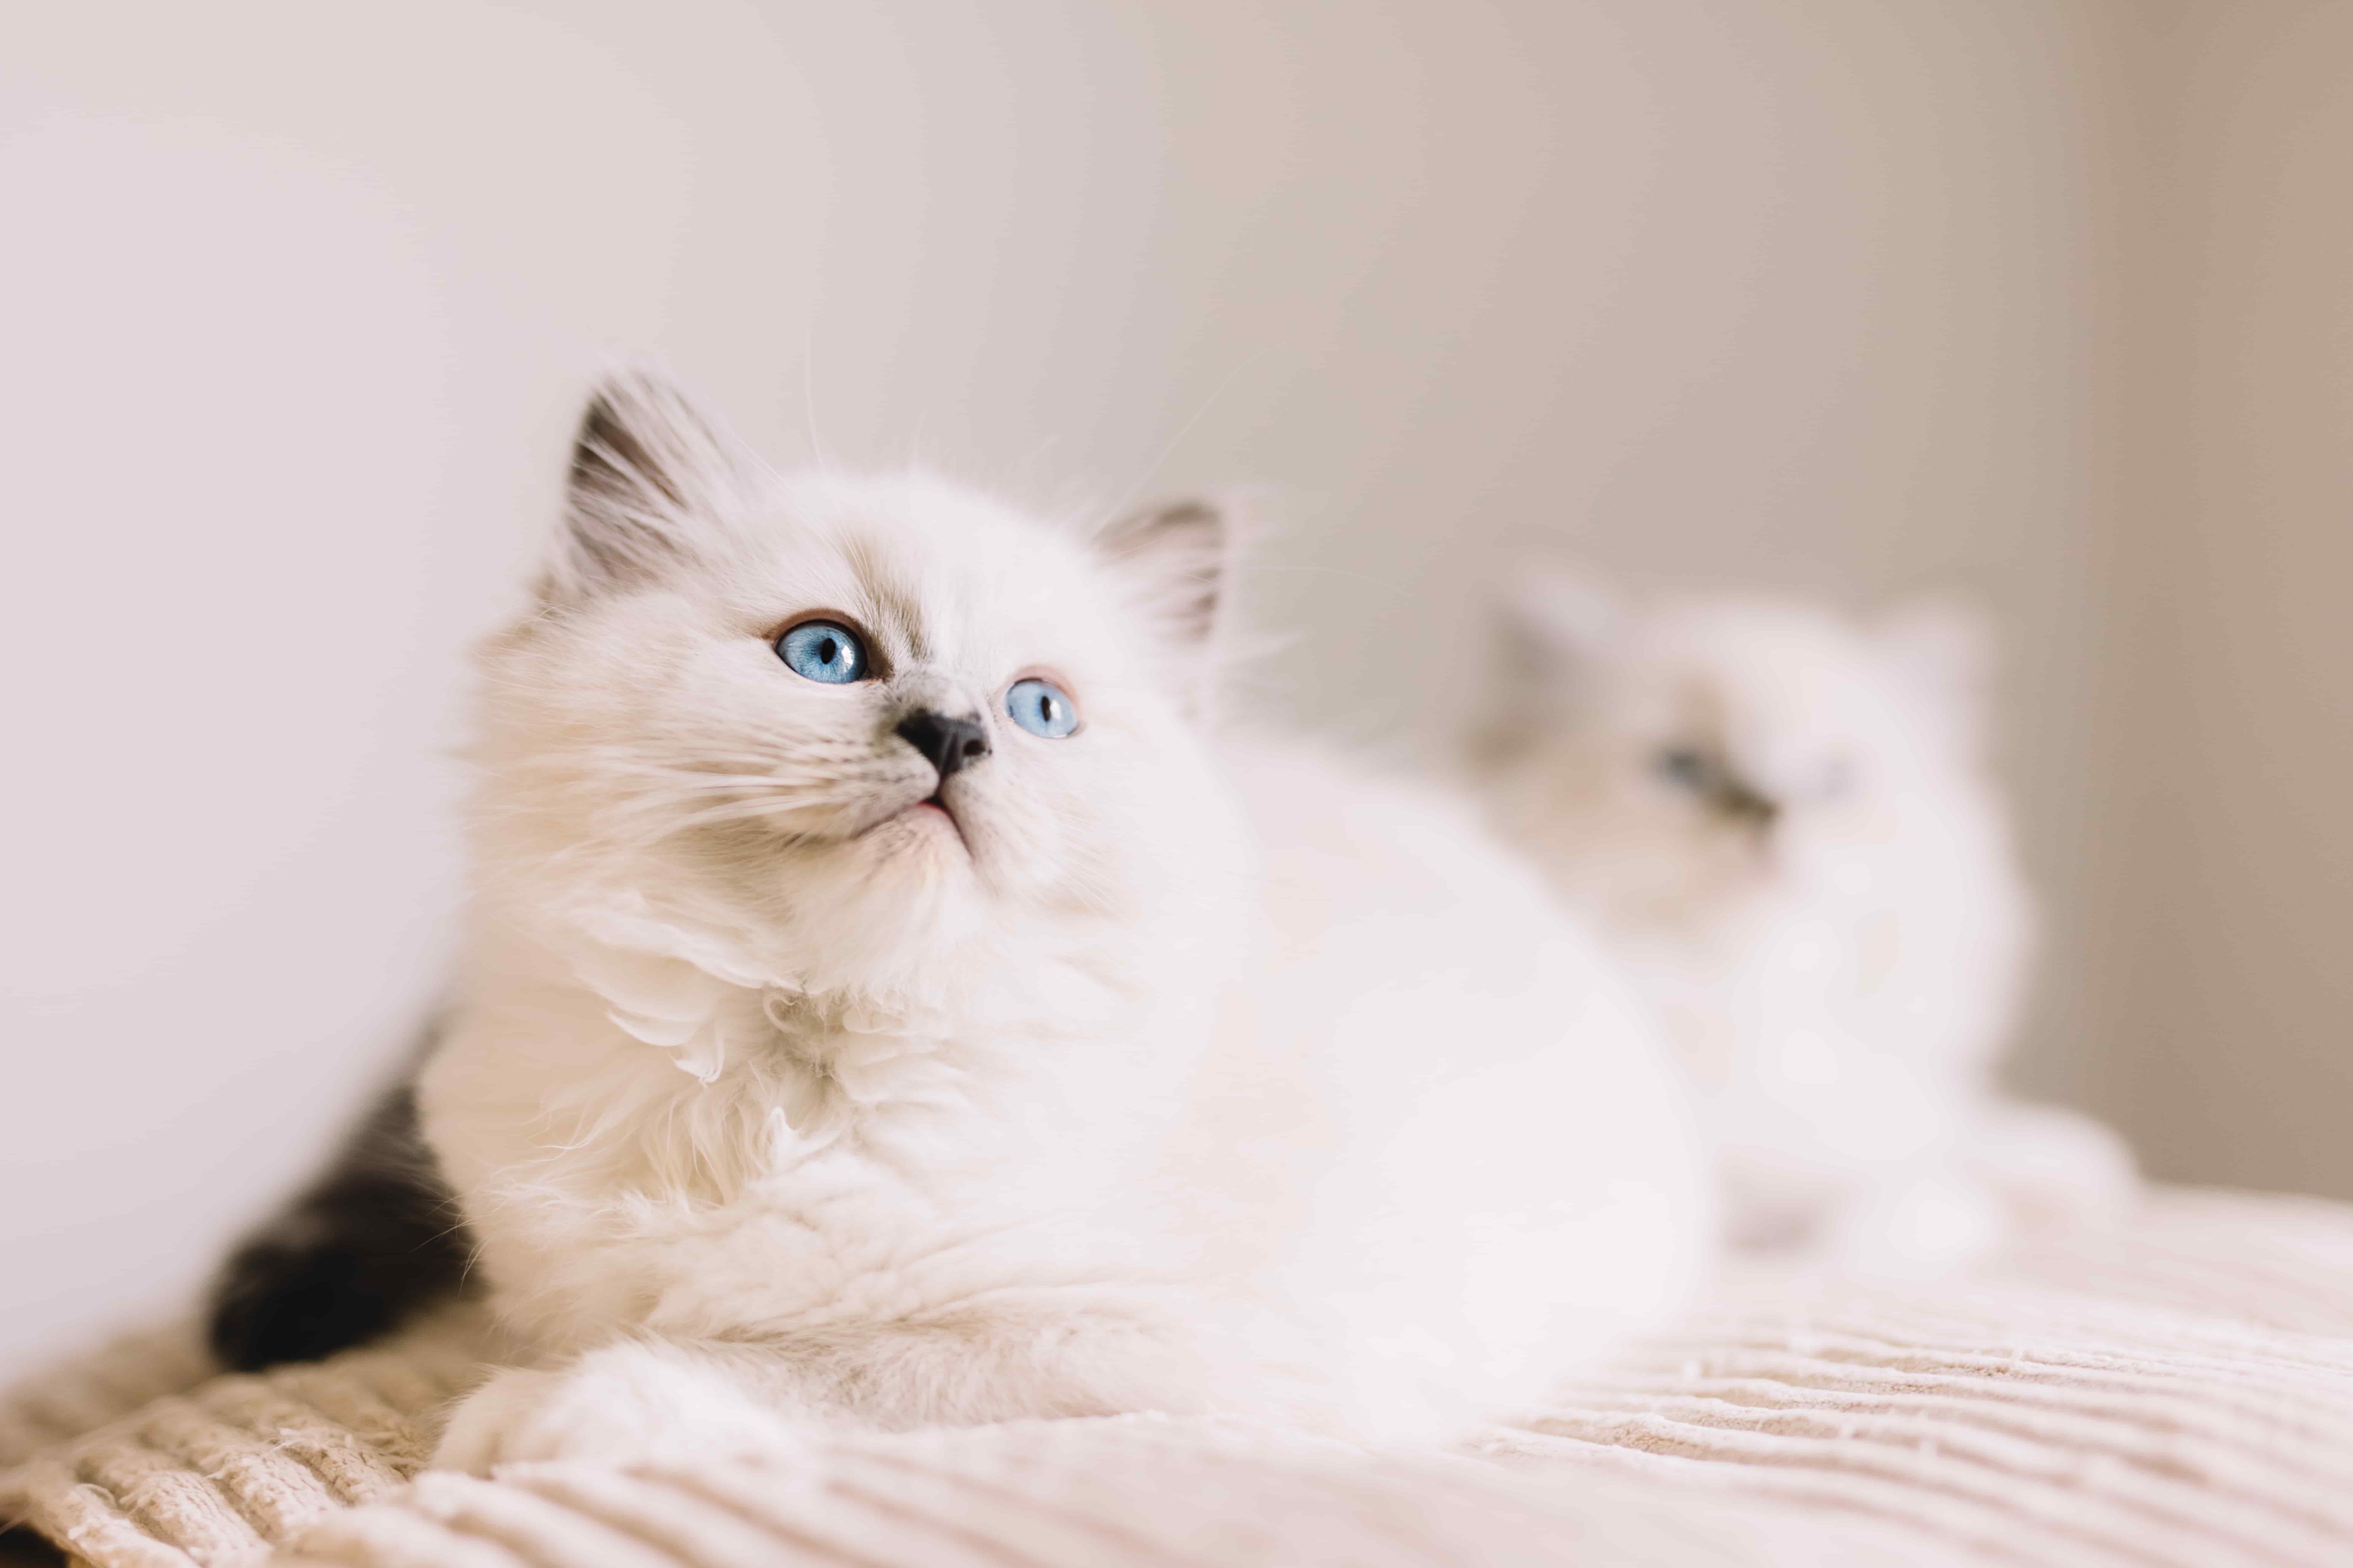 Evde Beslenebilecek Kedi Türleri Hangileri?